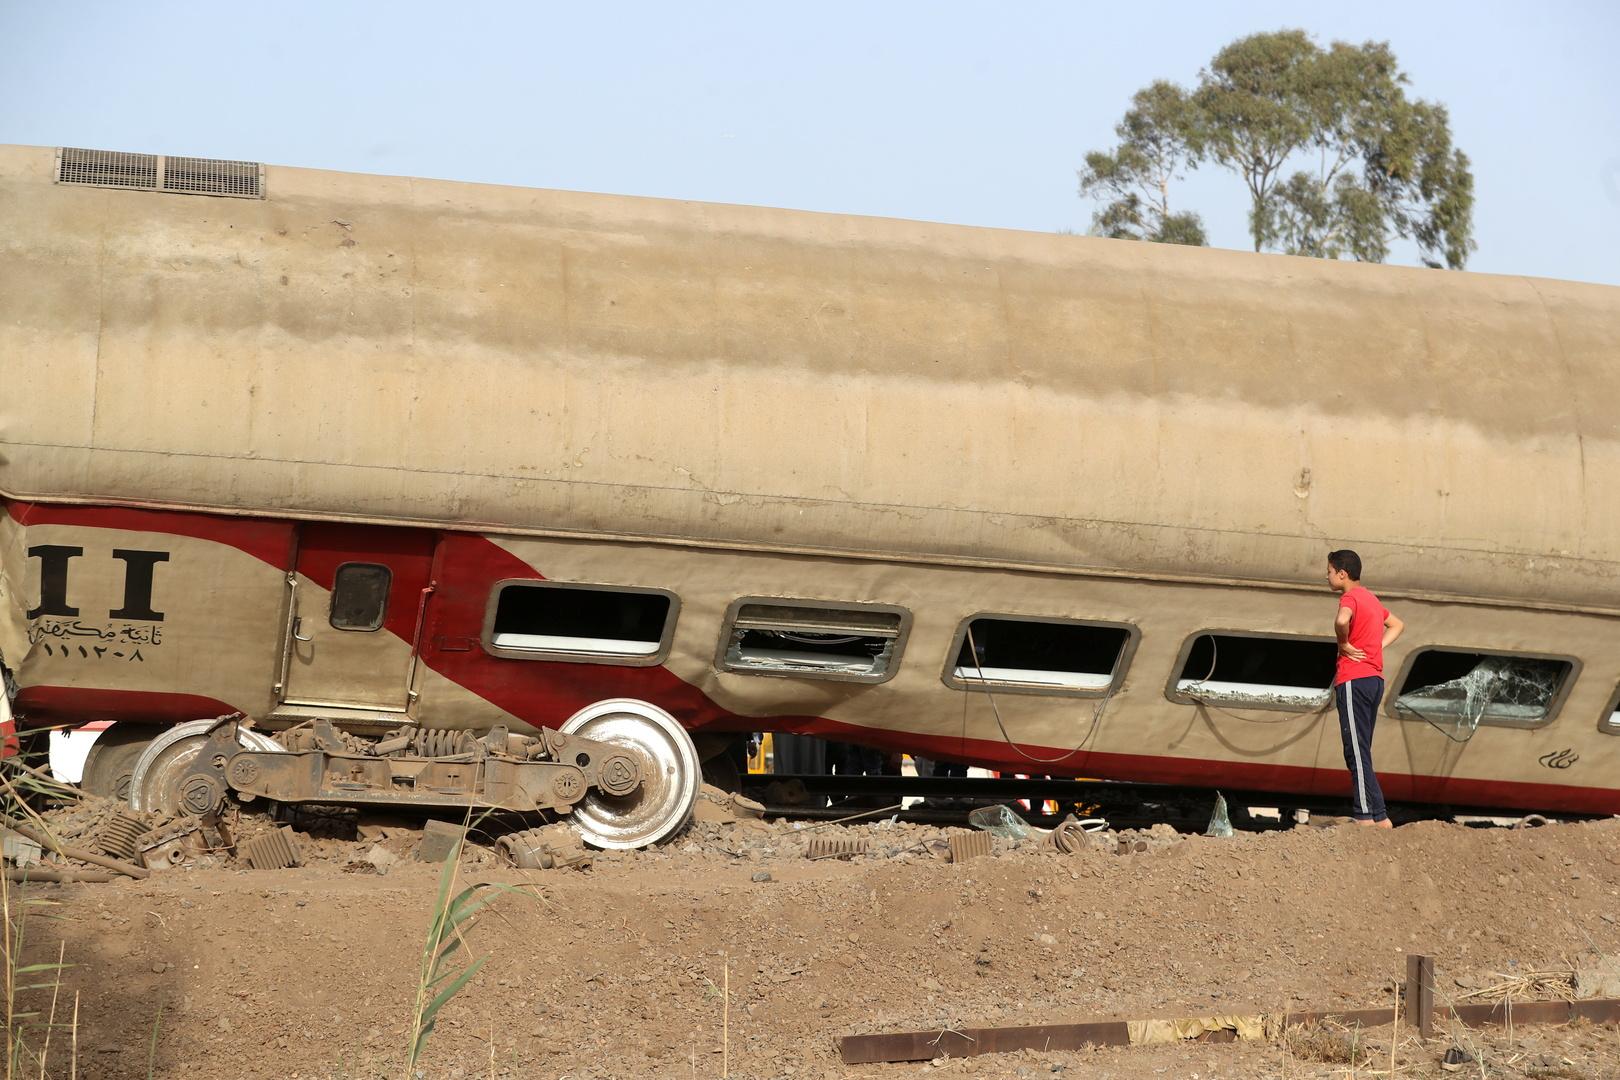 حوادث القطارات في مصر - أرشيف